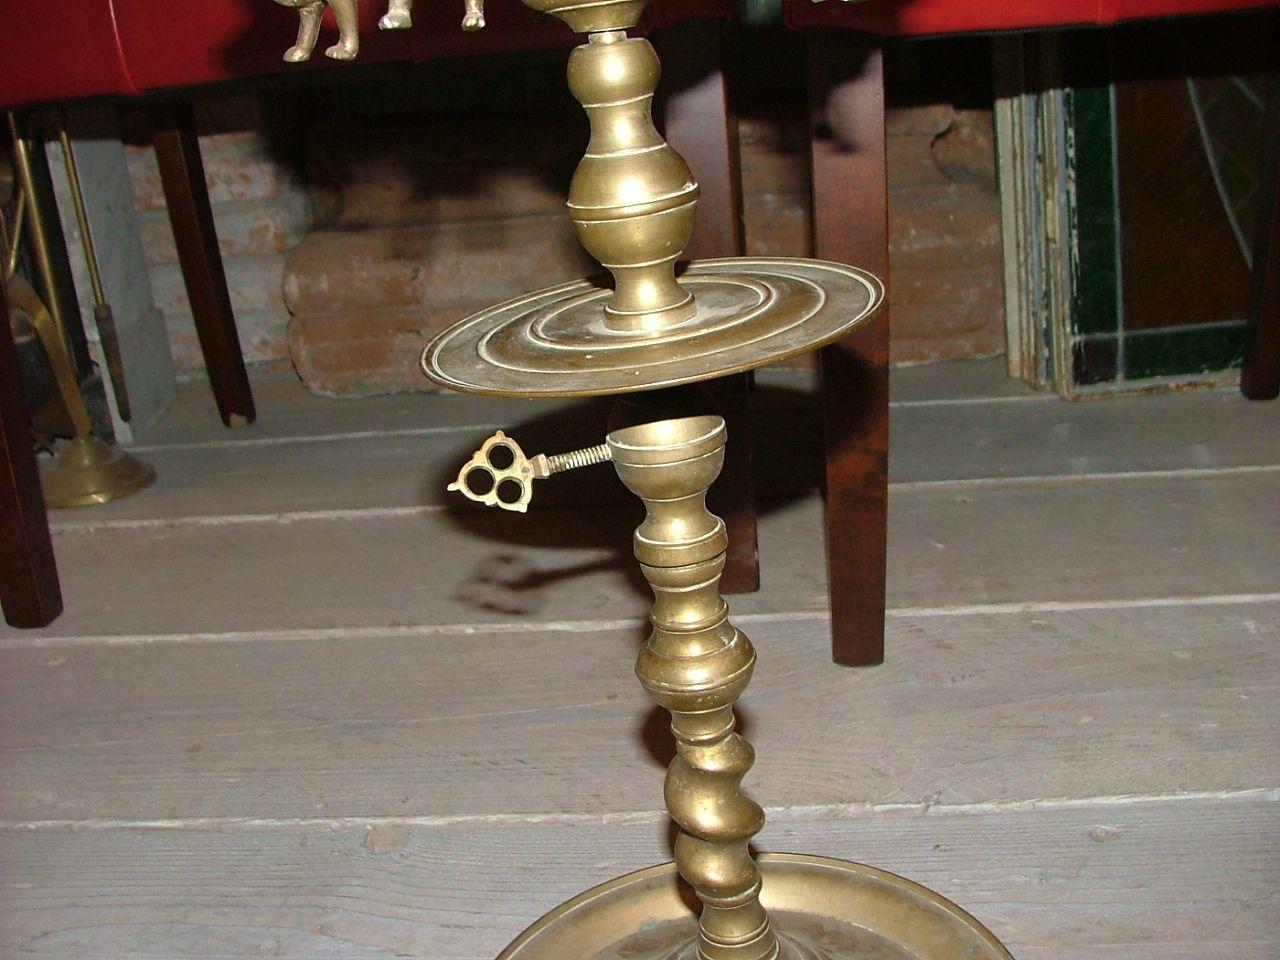 Lampada Fiorentina : Lampada ad olio fiorentina in bronzo e grande lume di ottone con